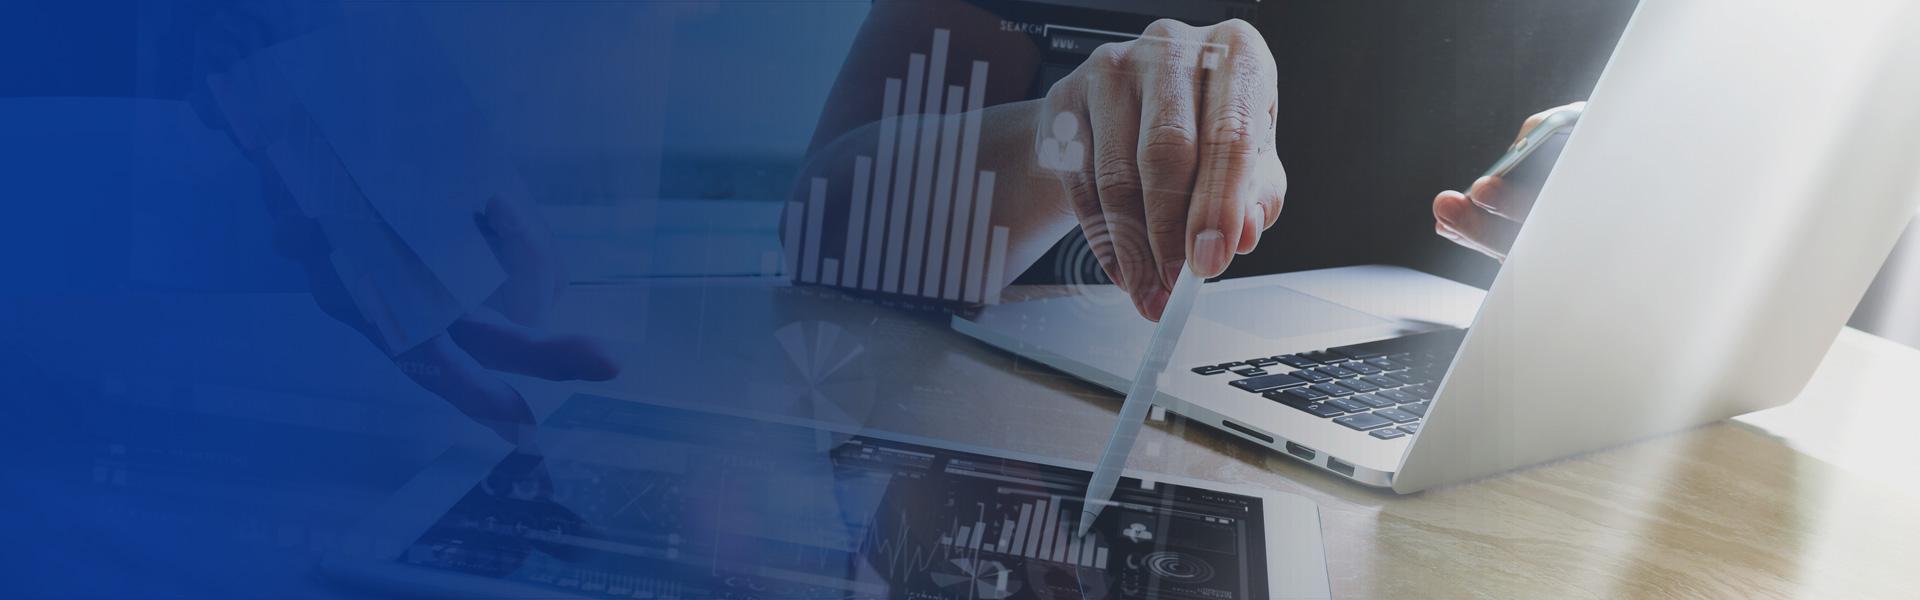 データ分析事業